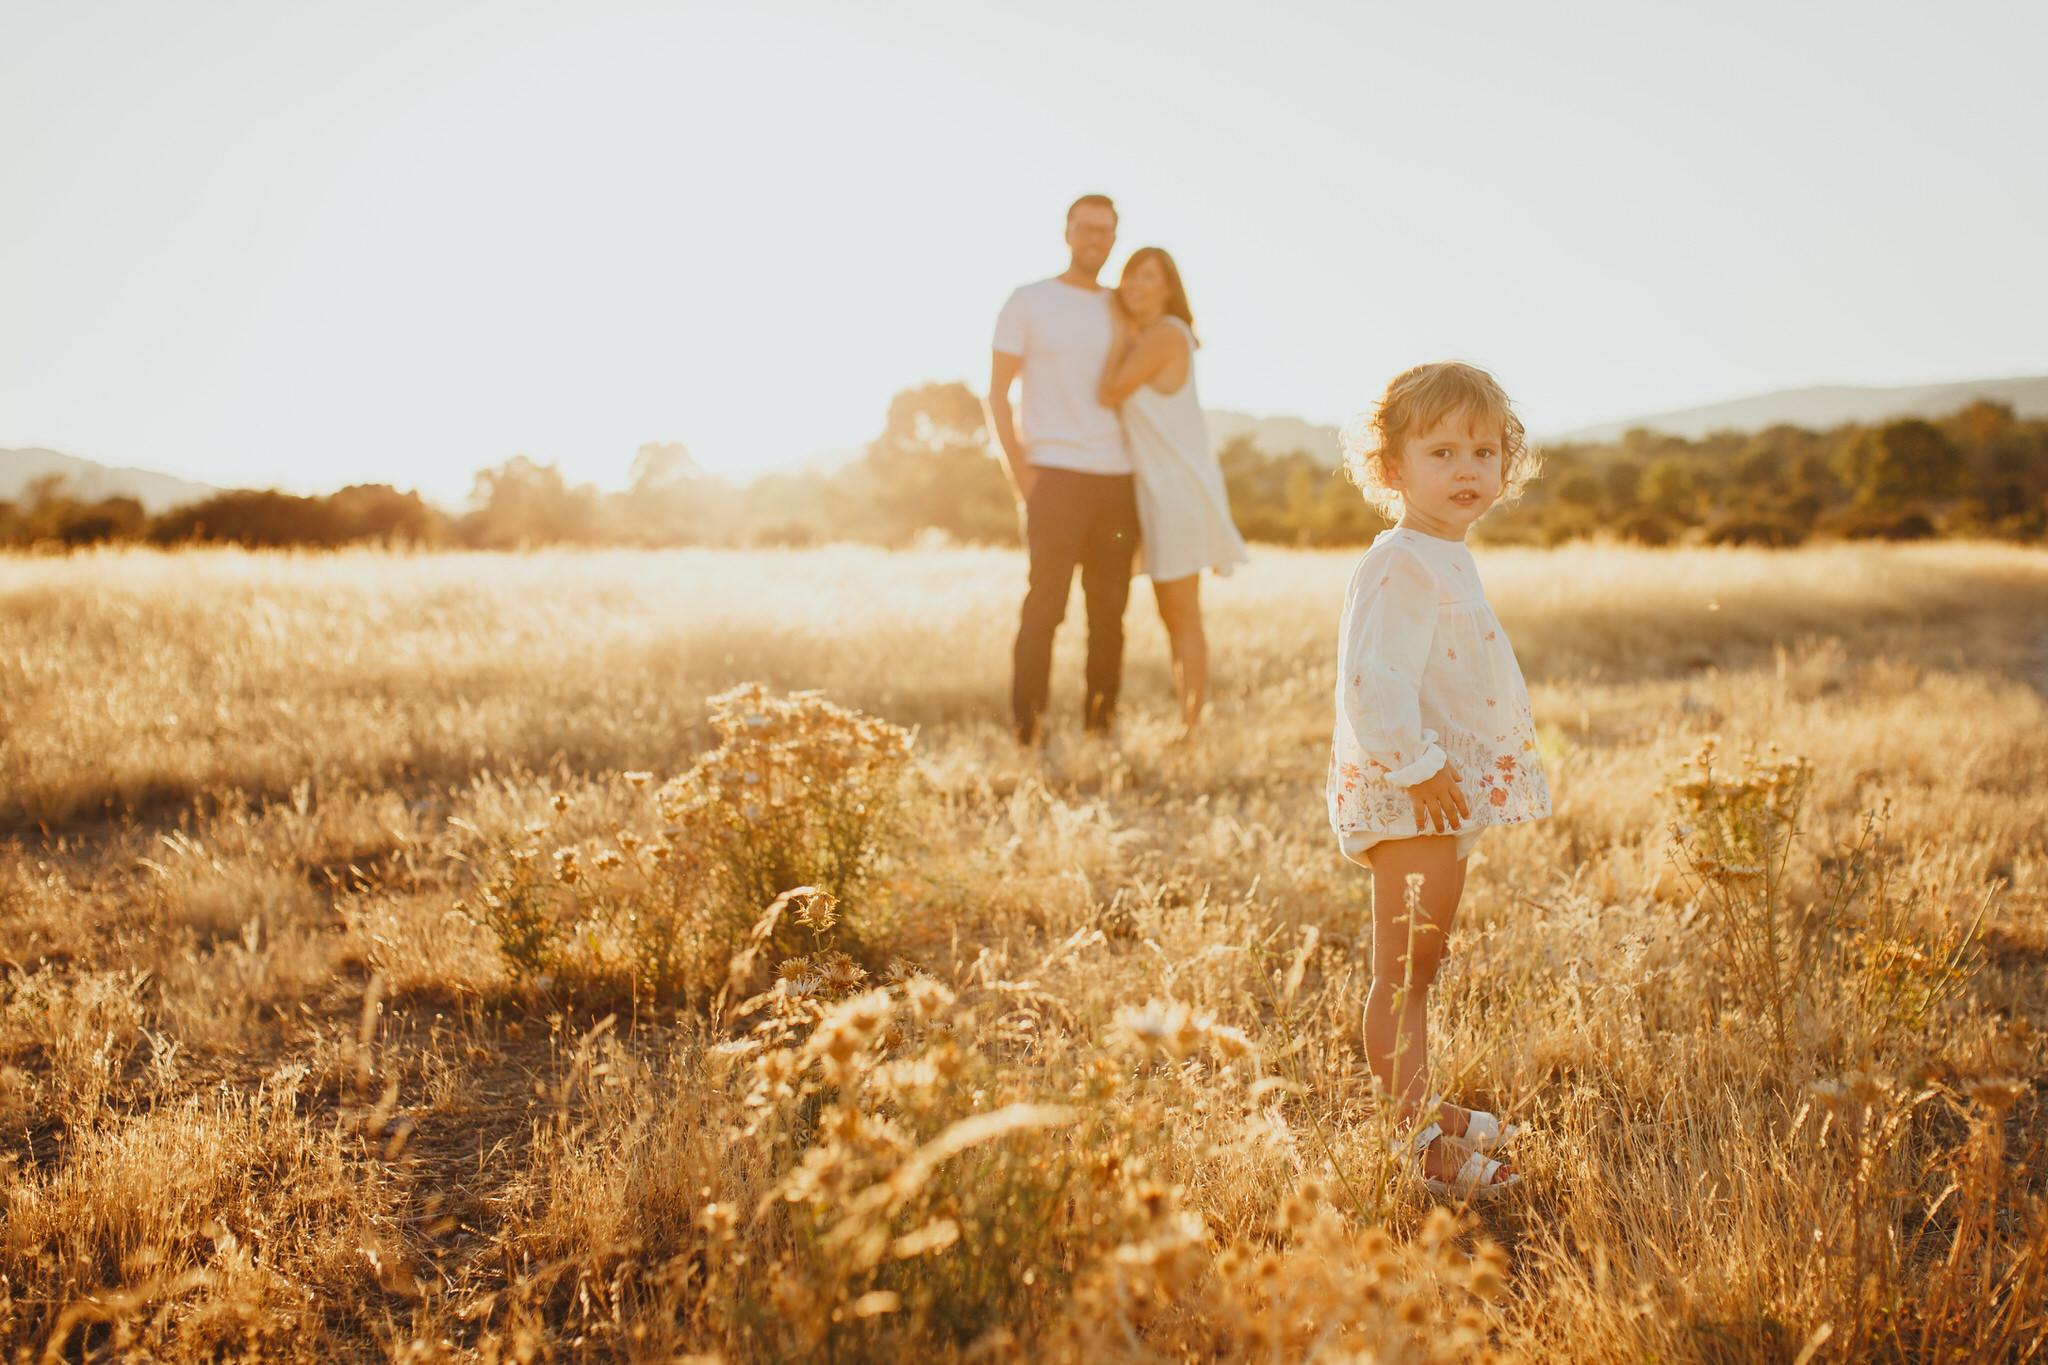 Sesión fotográfica familiar al atardecer en la sierra de Guadarrama y Madrid.